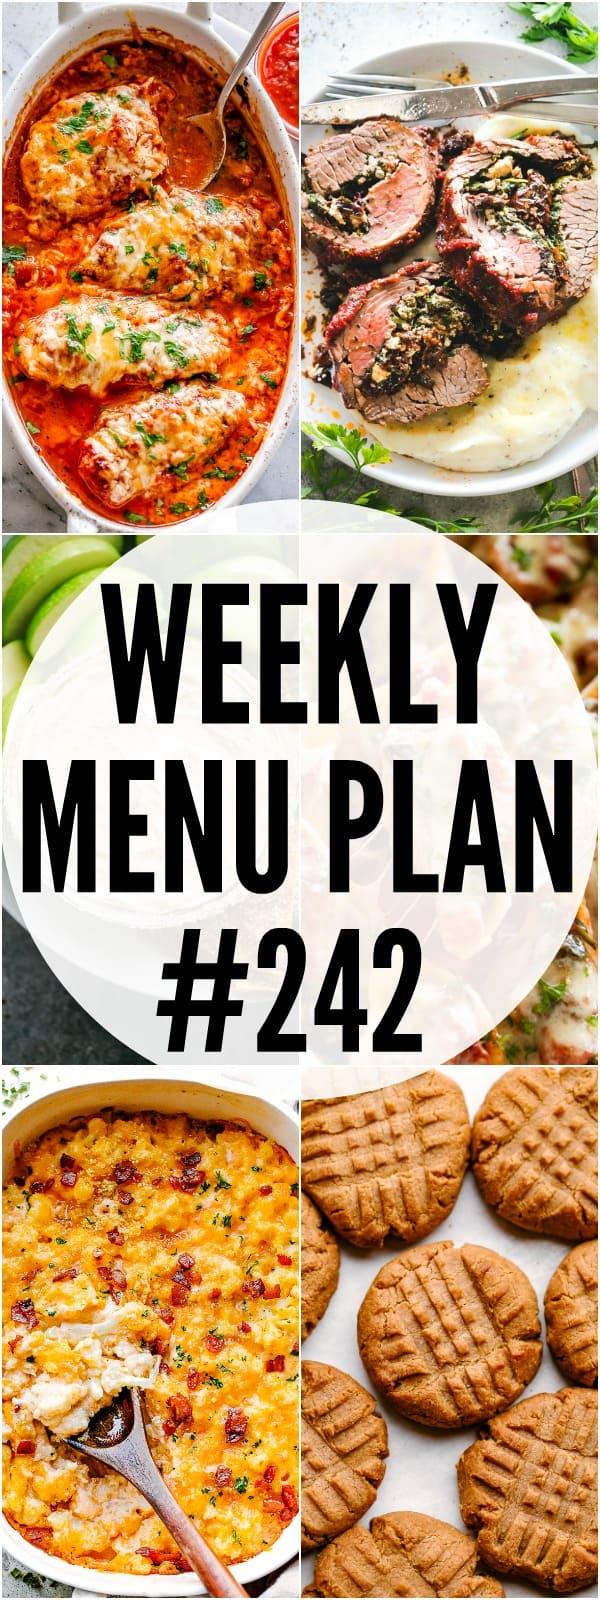 weekly menu plan 242 pin image